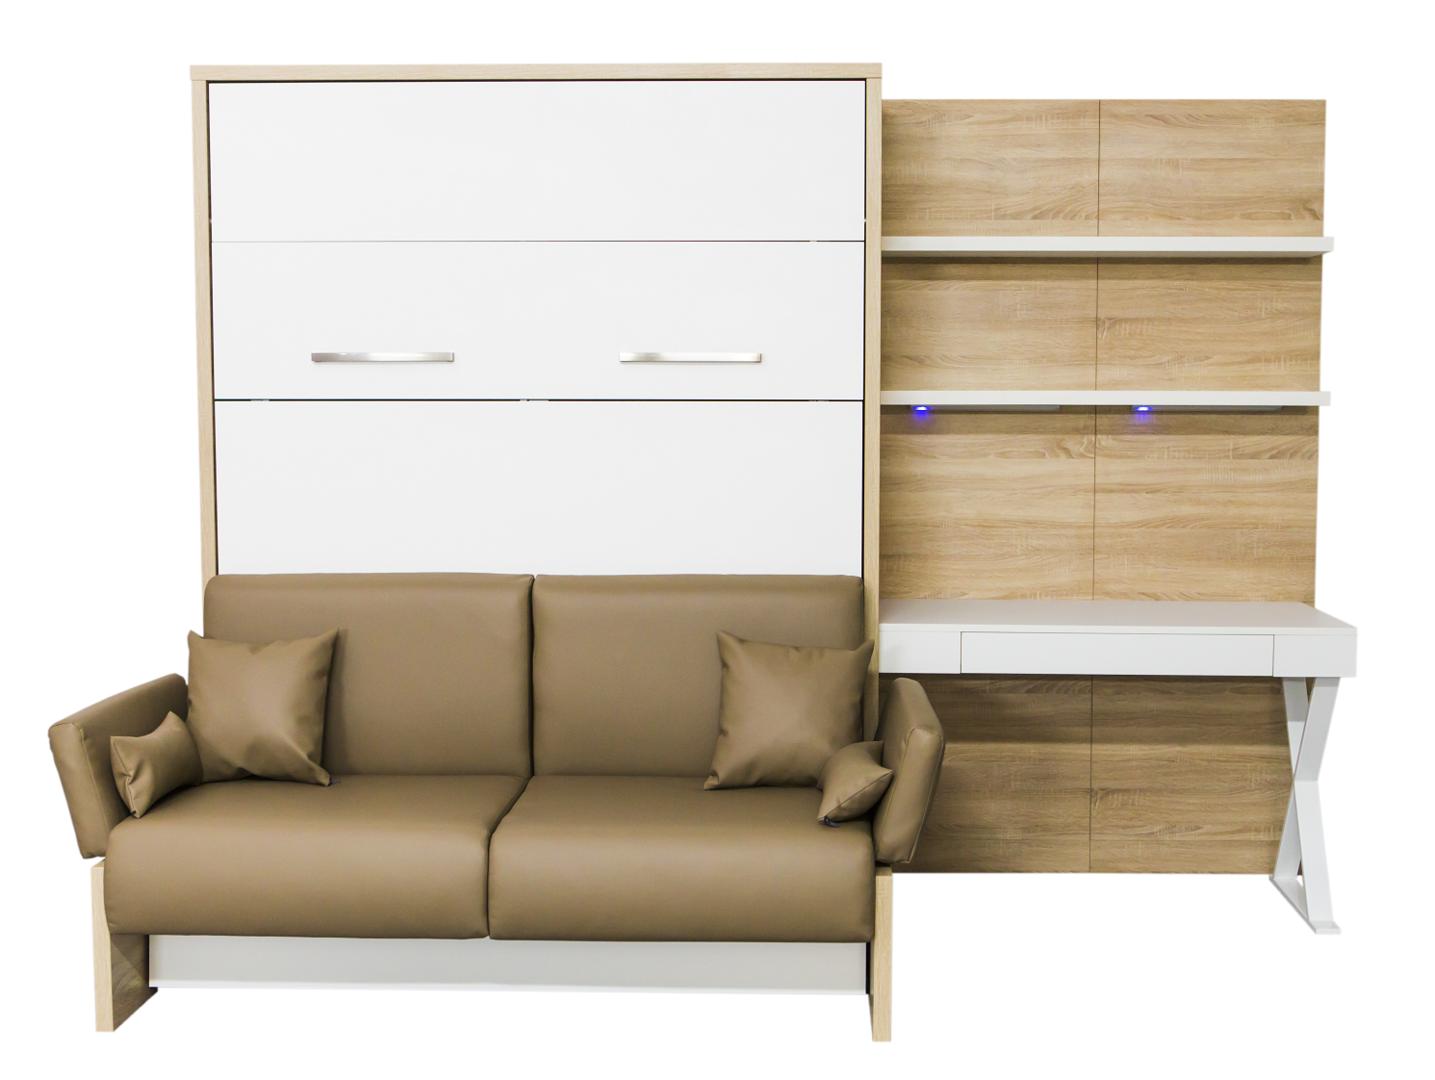 Wandbett mit sofa wbs 1 soft office 140 x 200 cm in bardoline - Wandbett mit sofa ...